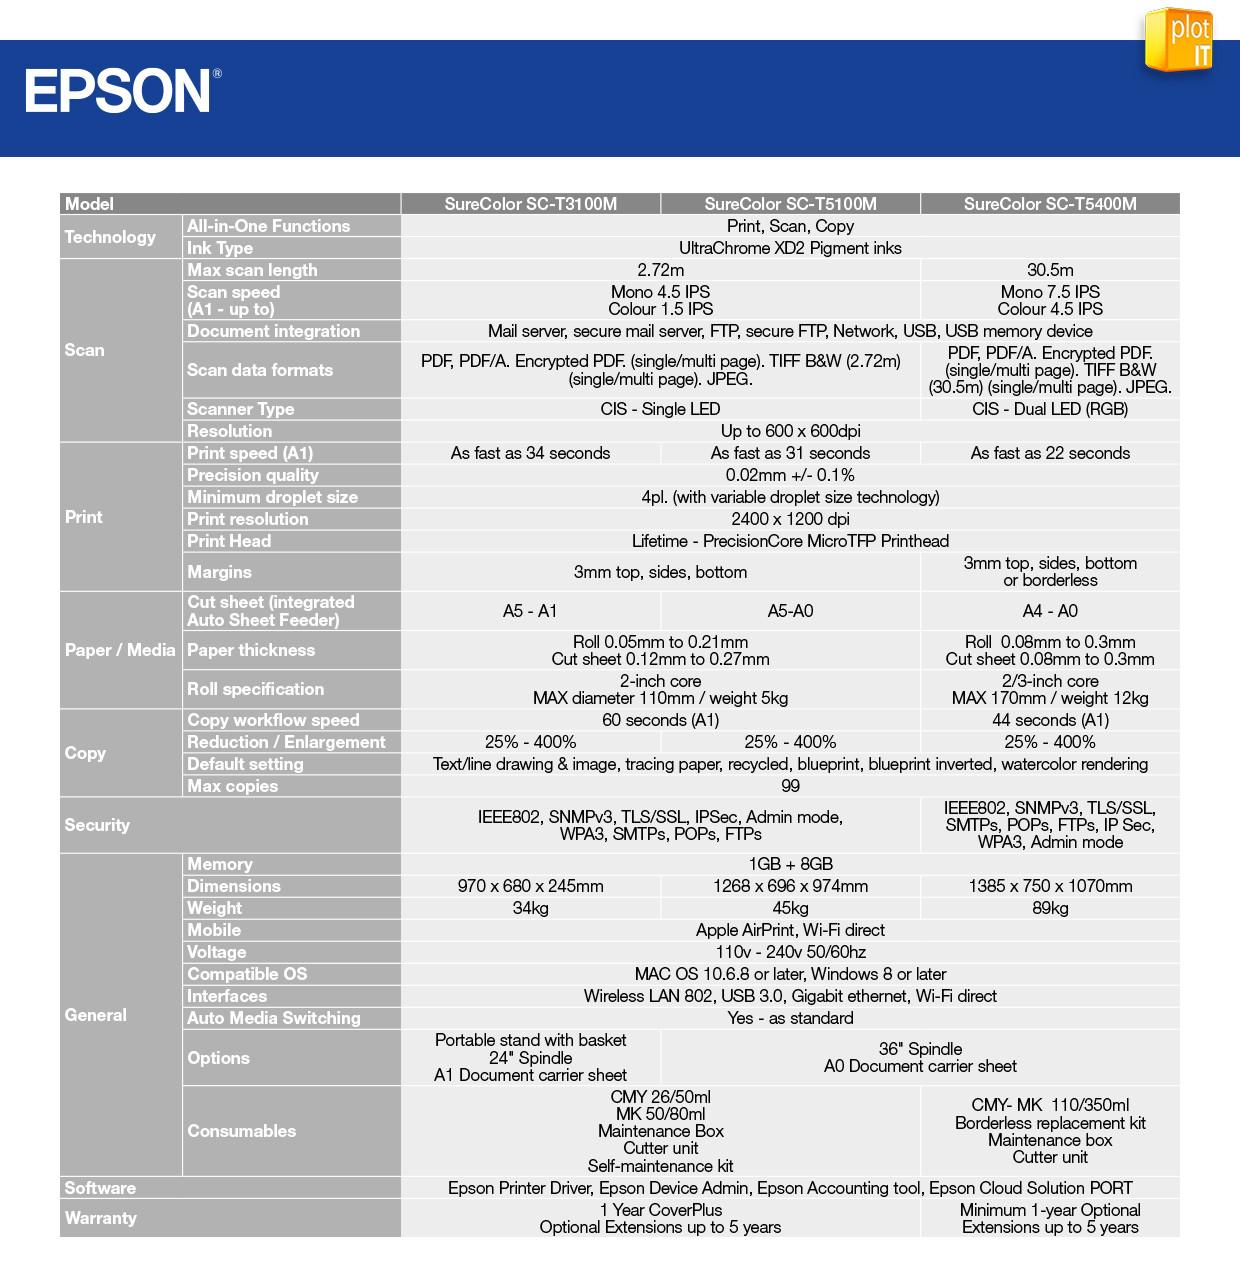 EPSON_SC-T3100M T5100M T5400M_COMPARISON TABLE_PLOT-IT